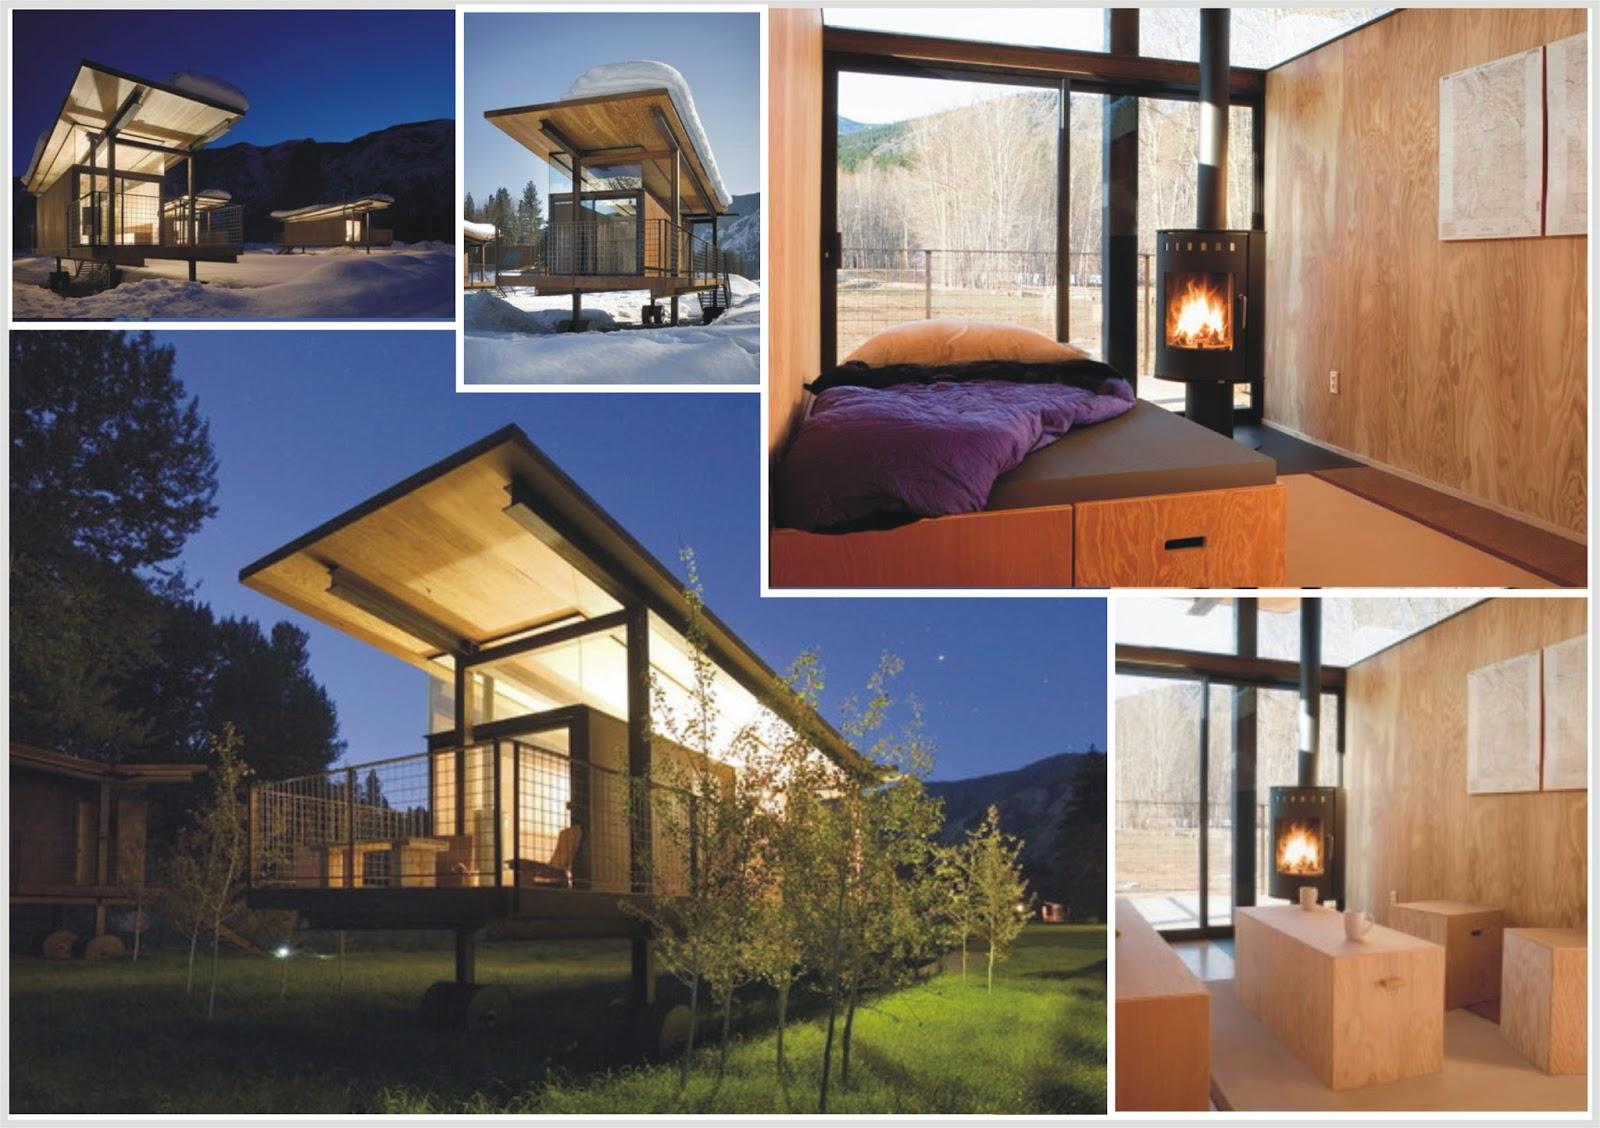 da daneben mobile h user. Black Bedroom Furniture Sets. Home Design Ideas